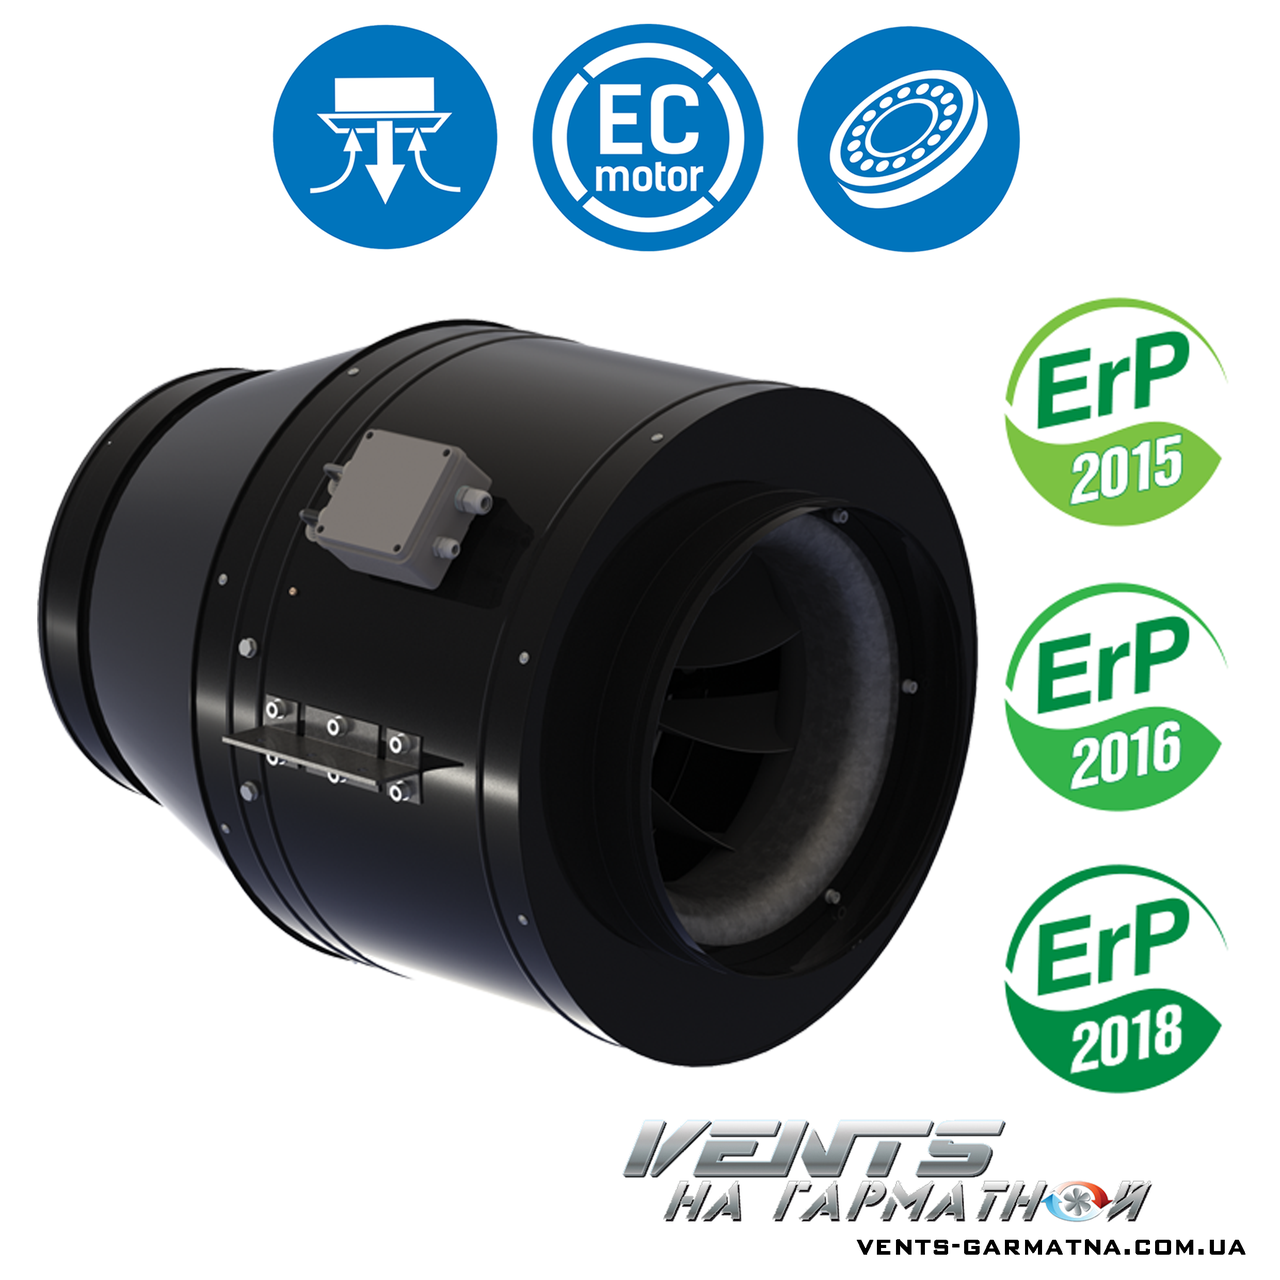 Вентс ТТ-МД 355-1 ЄС. Канальний вентилятор з ЄС-мотором